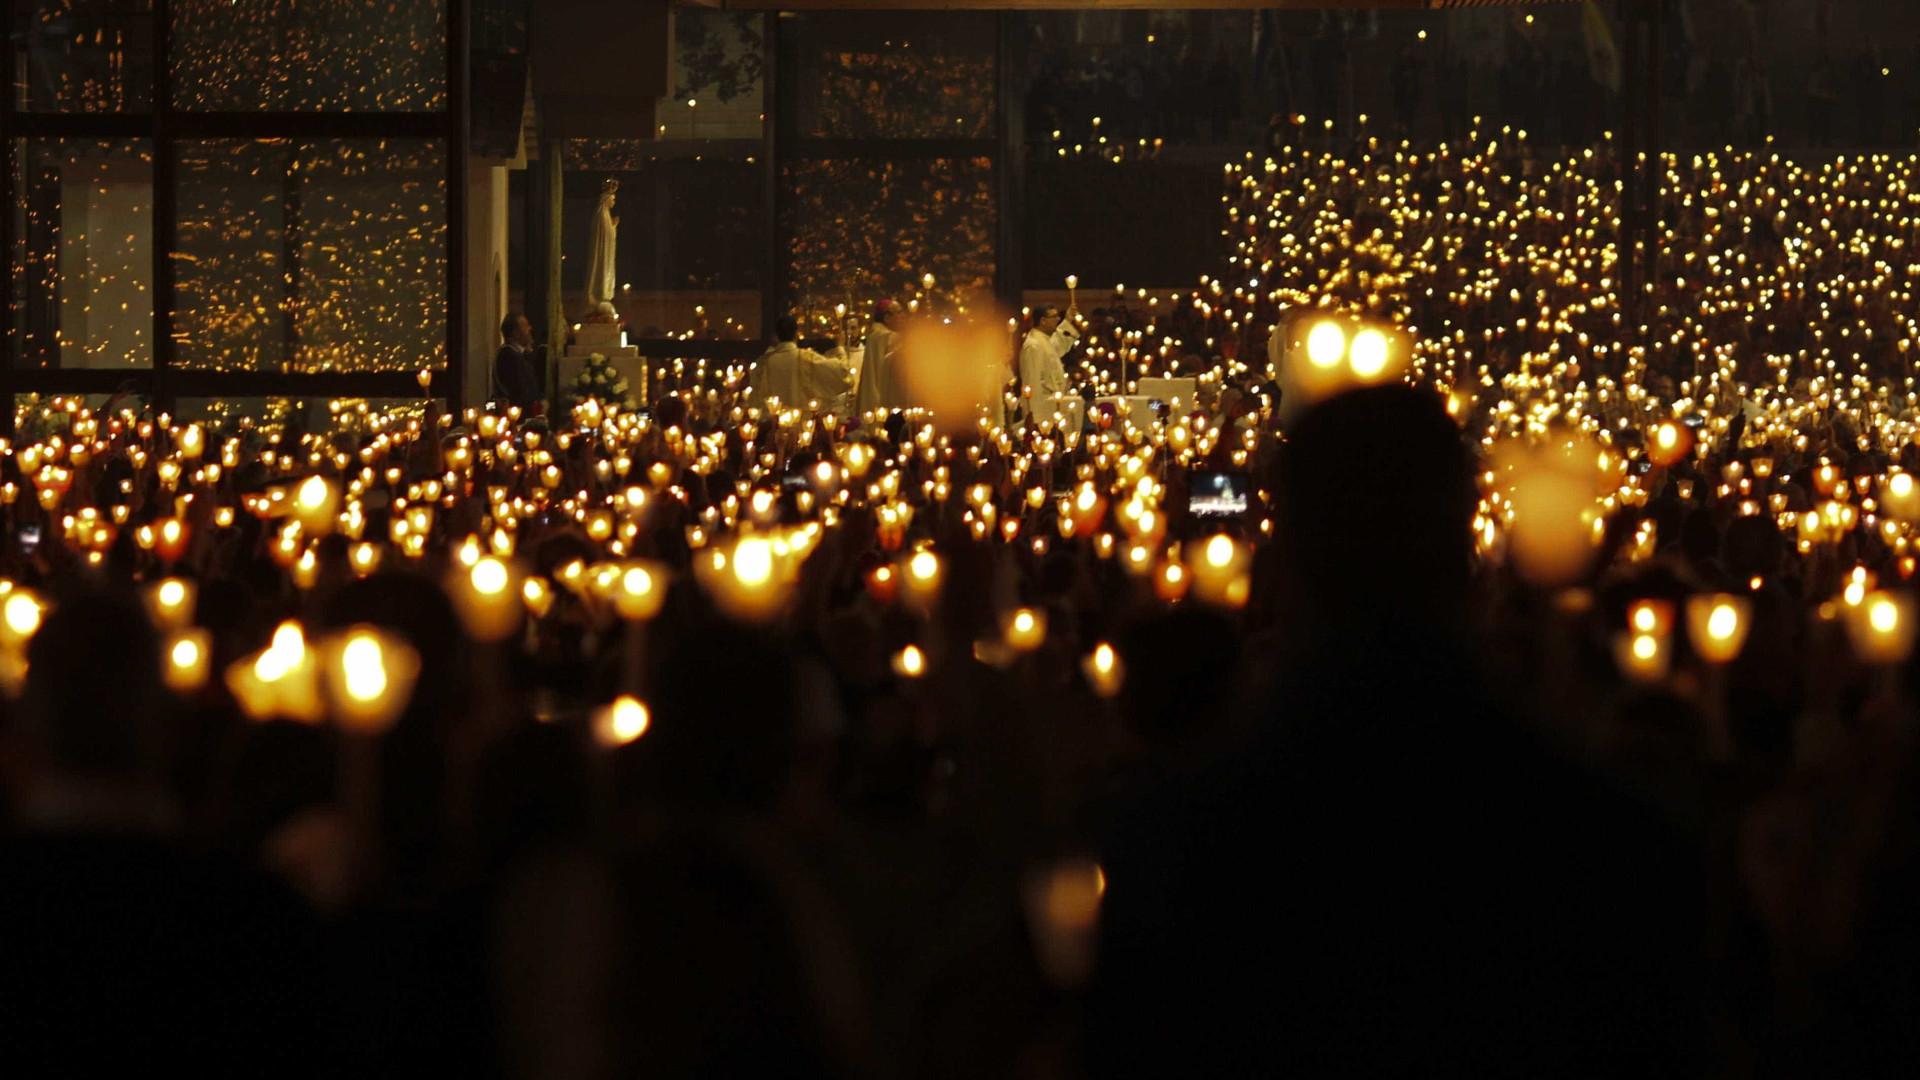 Bispo António Marto pede ajuda divina em prol da paz no mundo